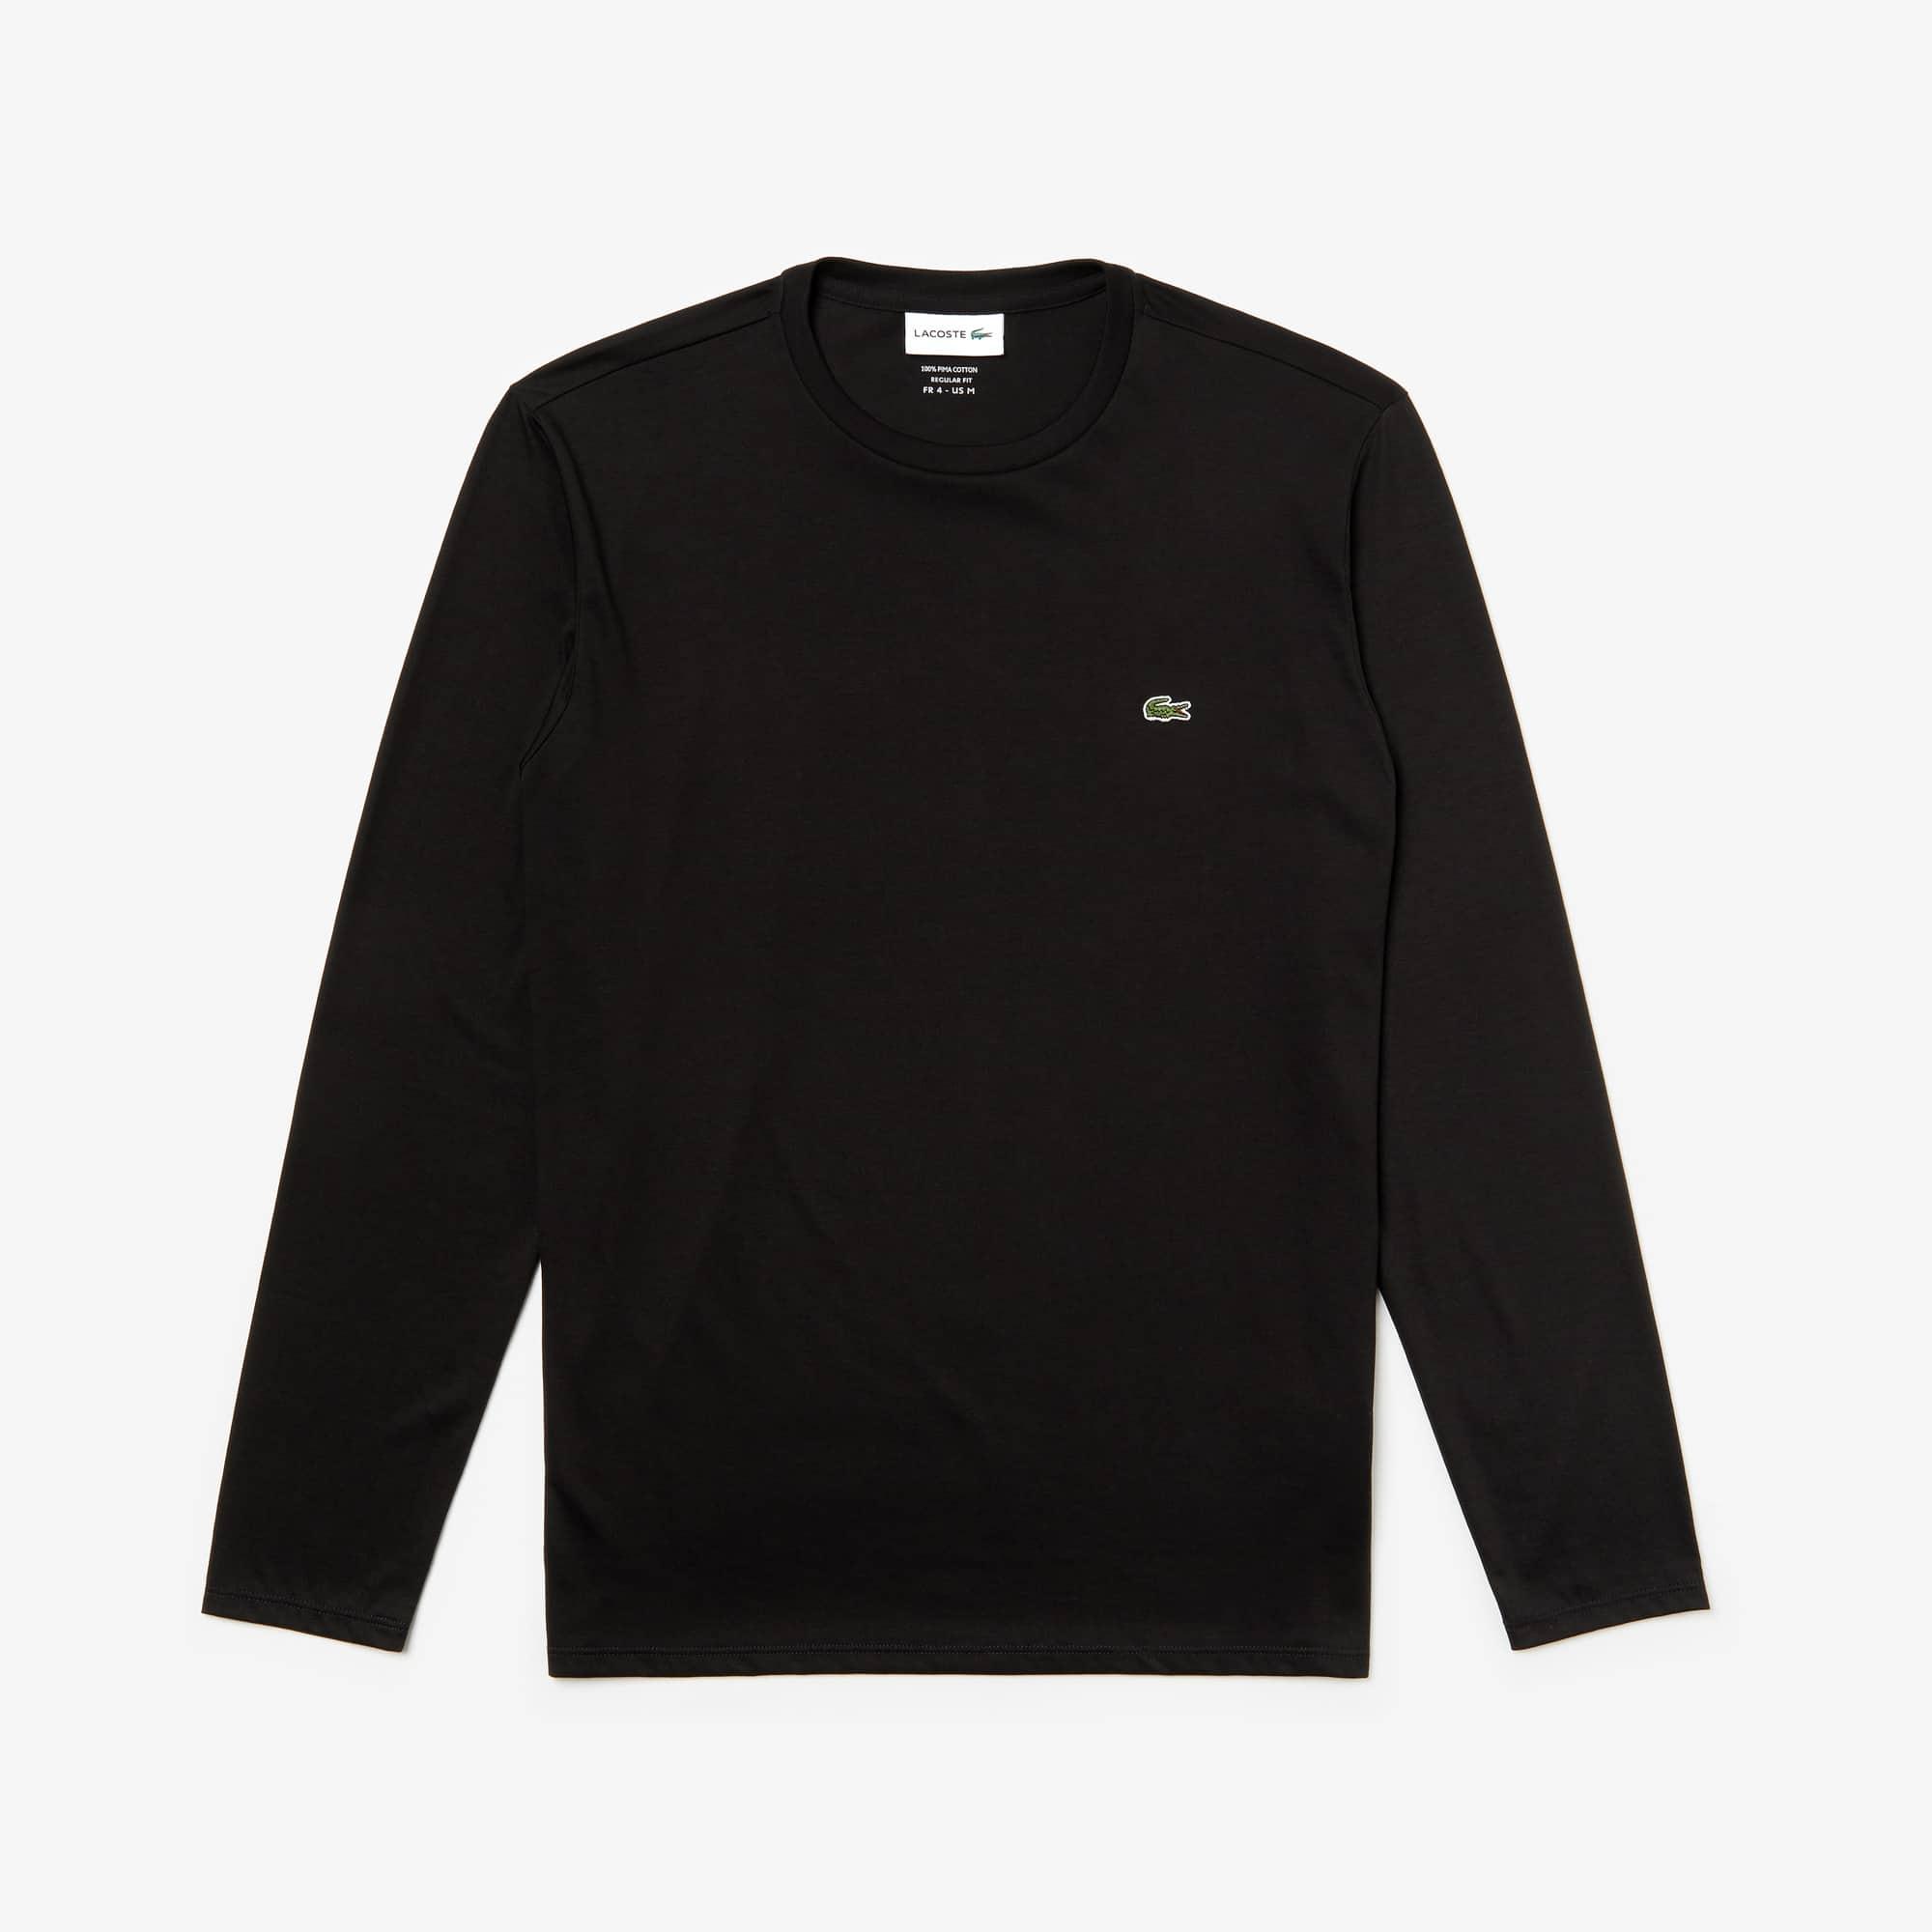 라코스테 긴팔 티셔츠 Lacoste Mens Crew Neck Pima Cotton Jersey T-shirt,black